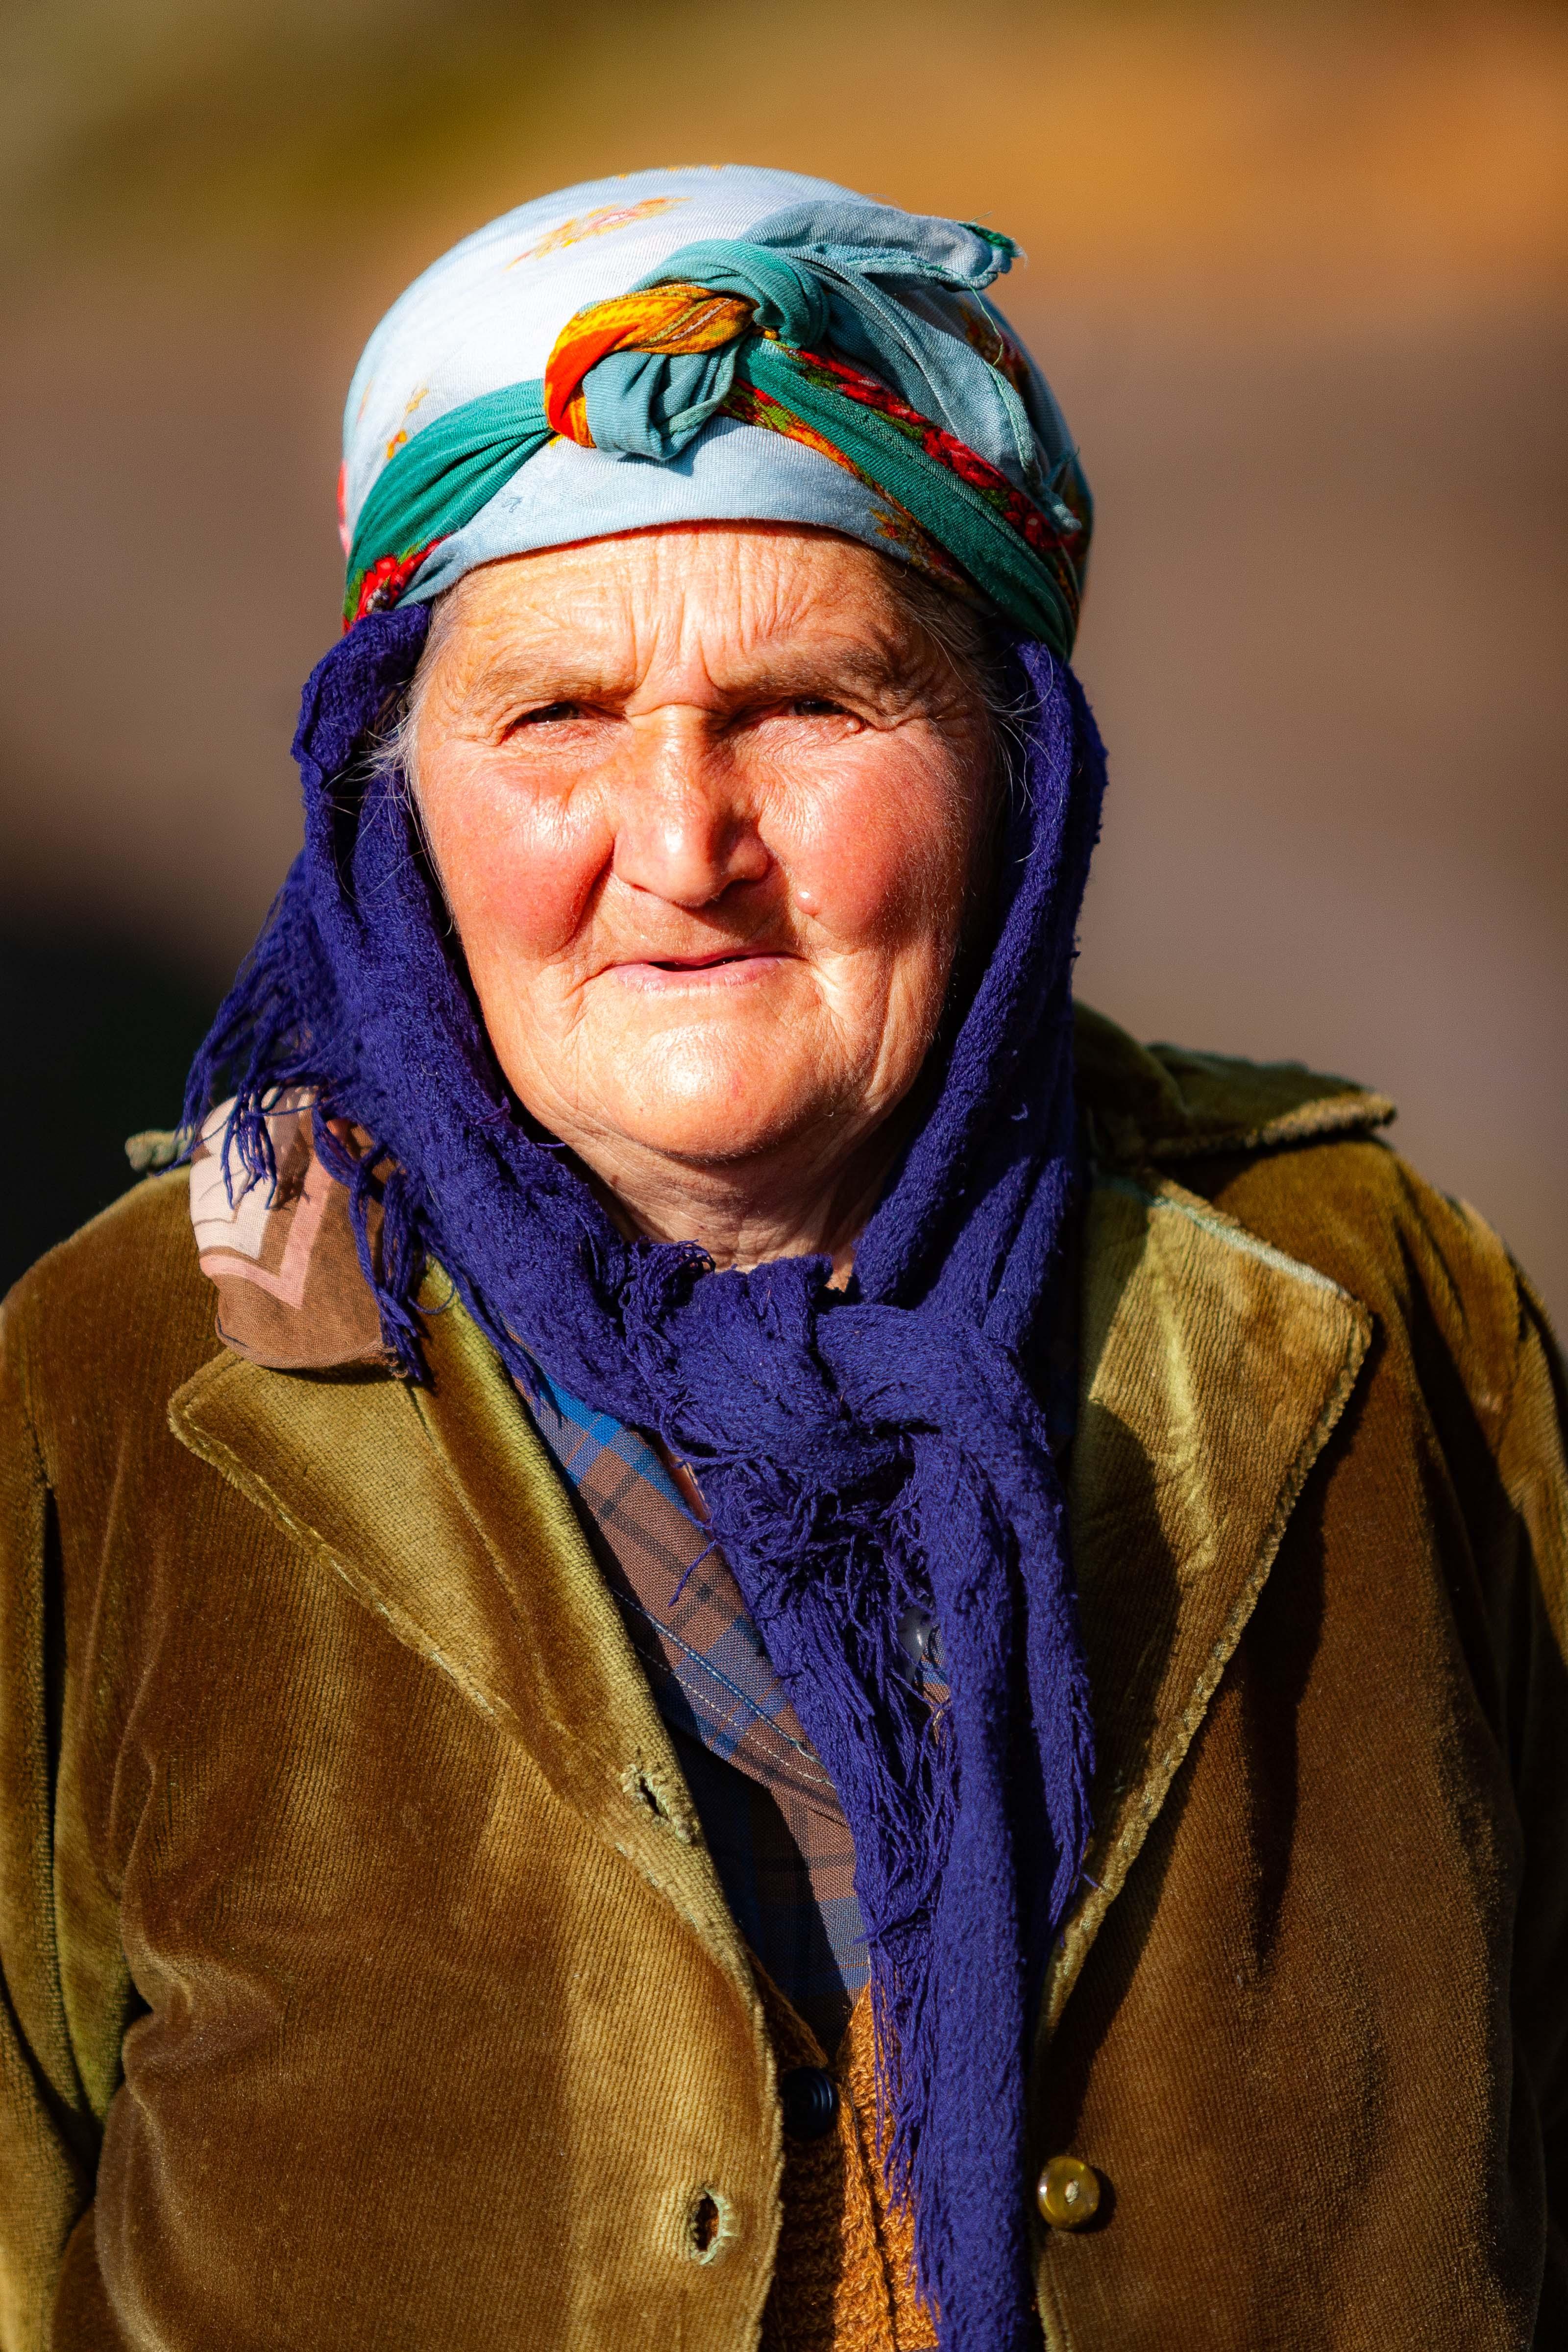 Azerbaijan, Qazax Prov, Old Woman, 2009, IMG 8706